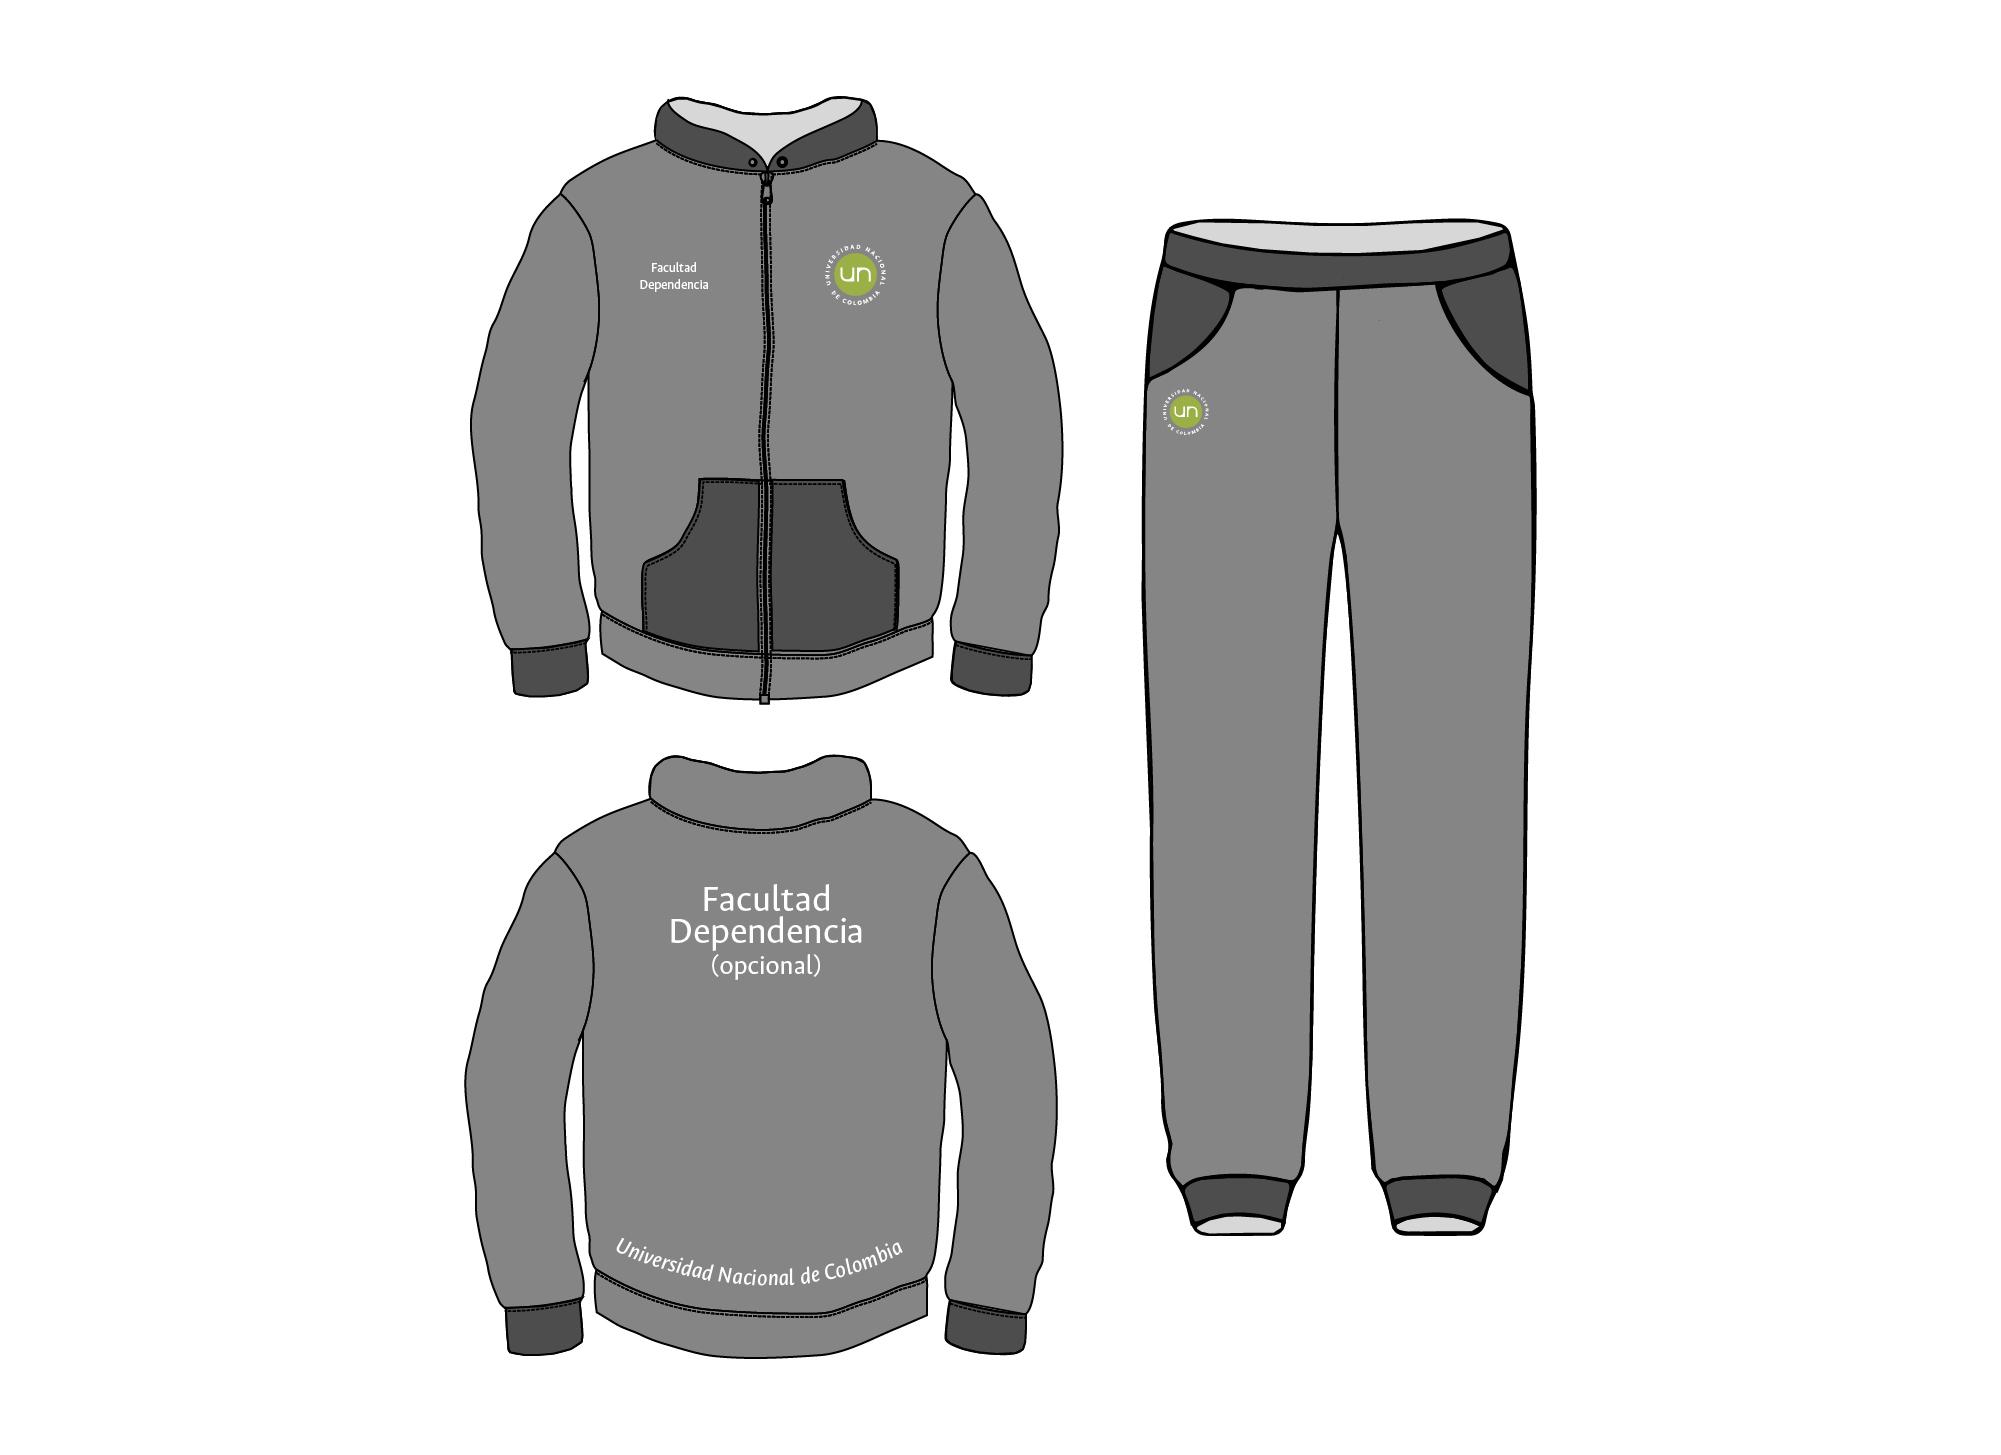 Aplicación del logotipo en indumentaria promocional y deportiva. Logotipo a 2 colores (verde y blanco)